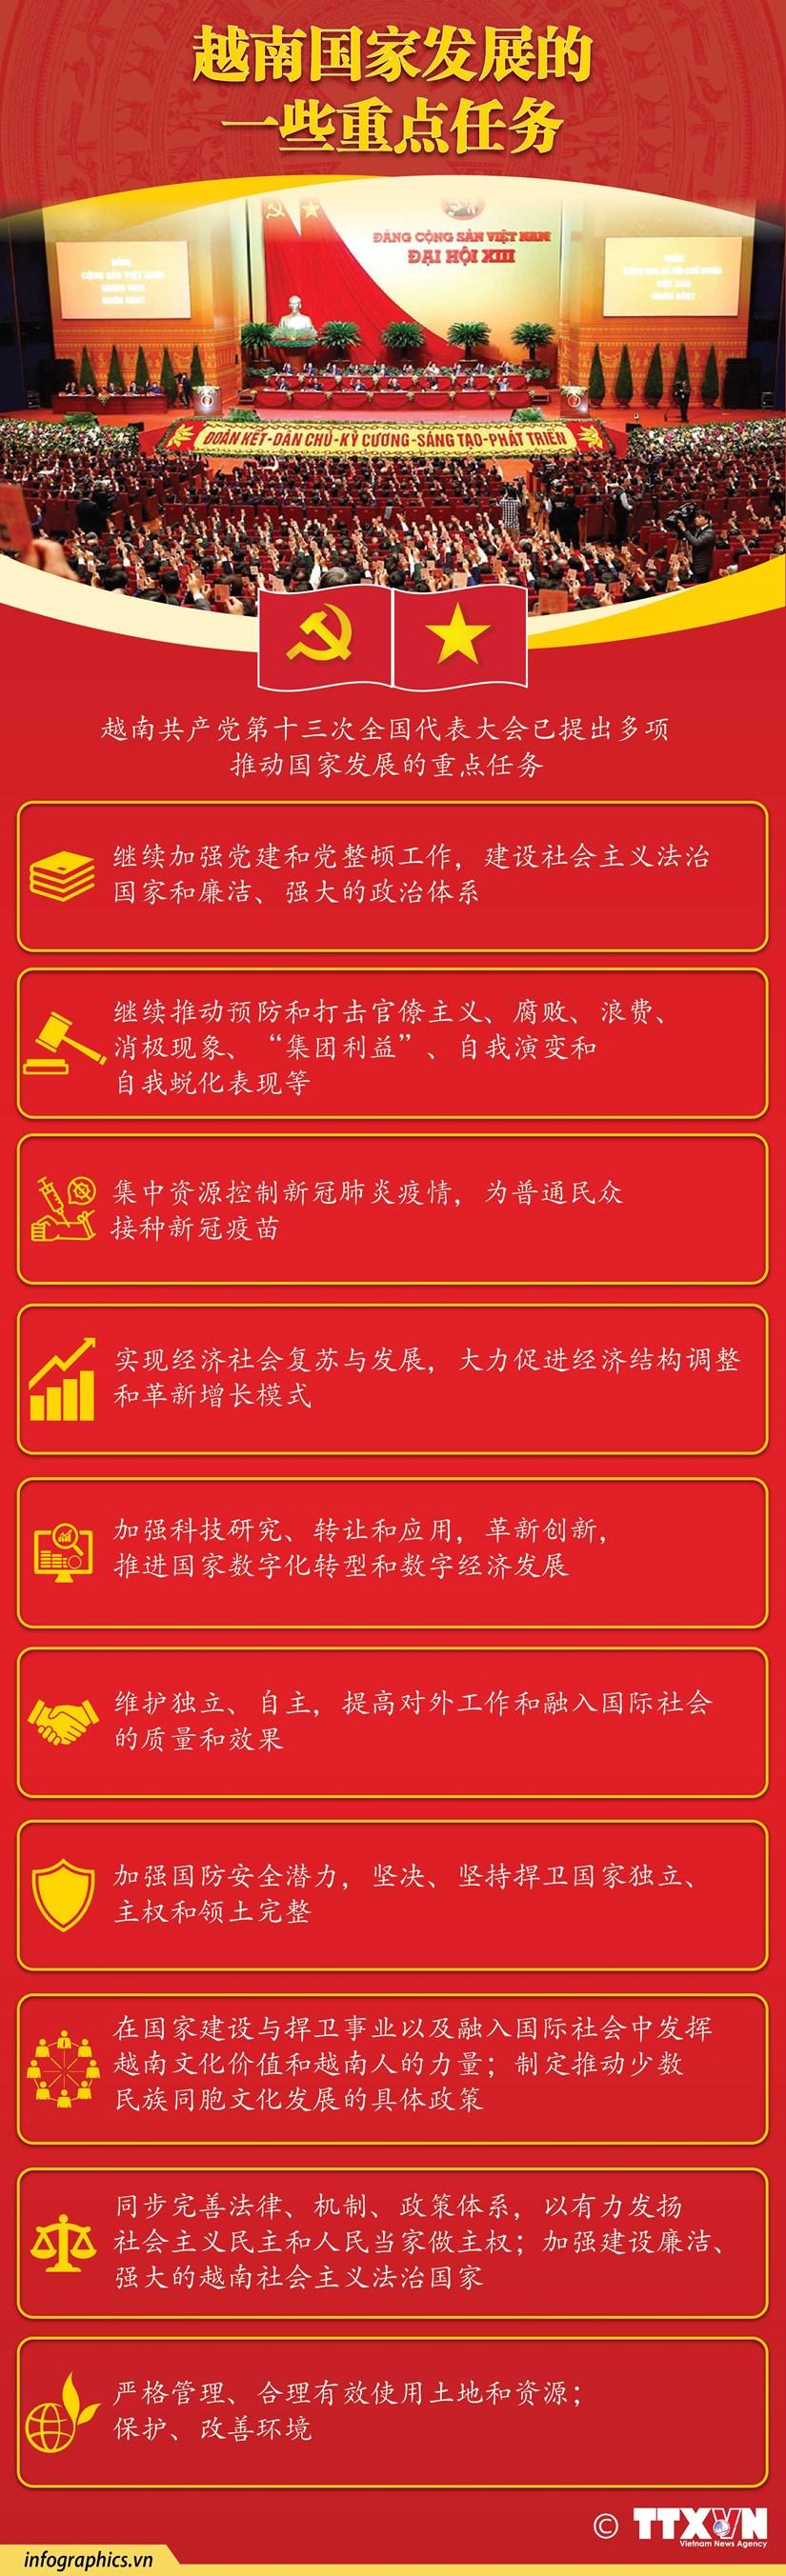 图表新闻:越南国家发展的一些重点任务 hinh anh 1